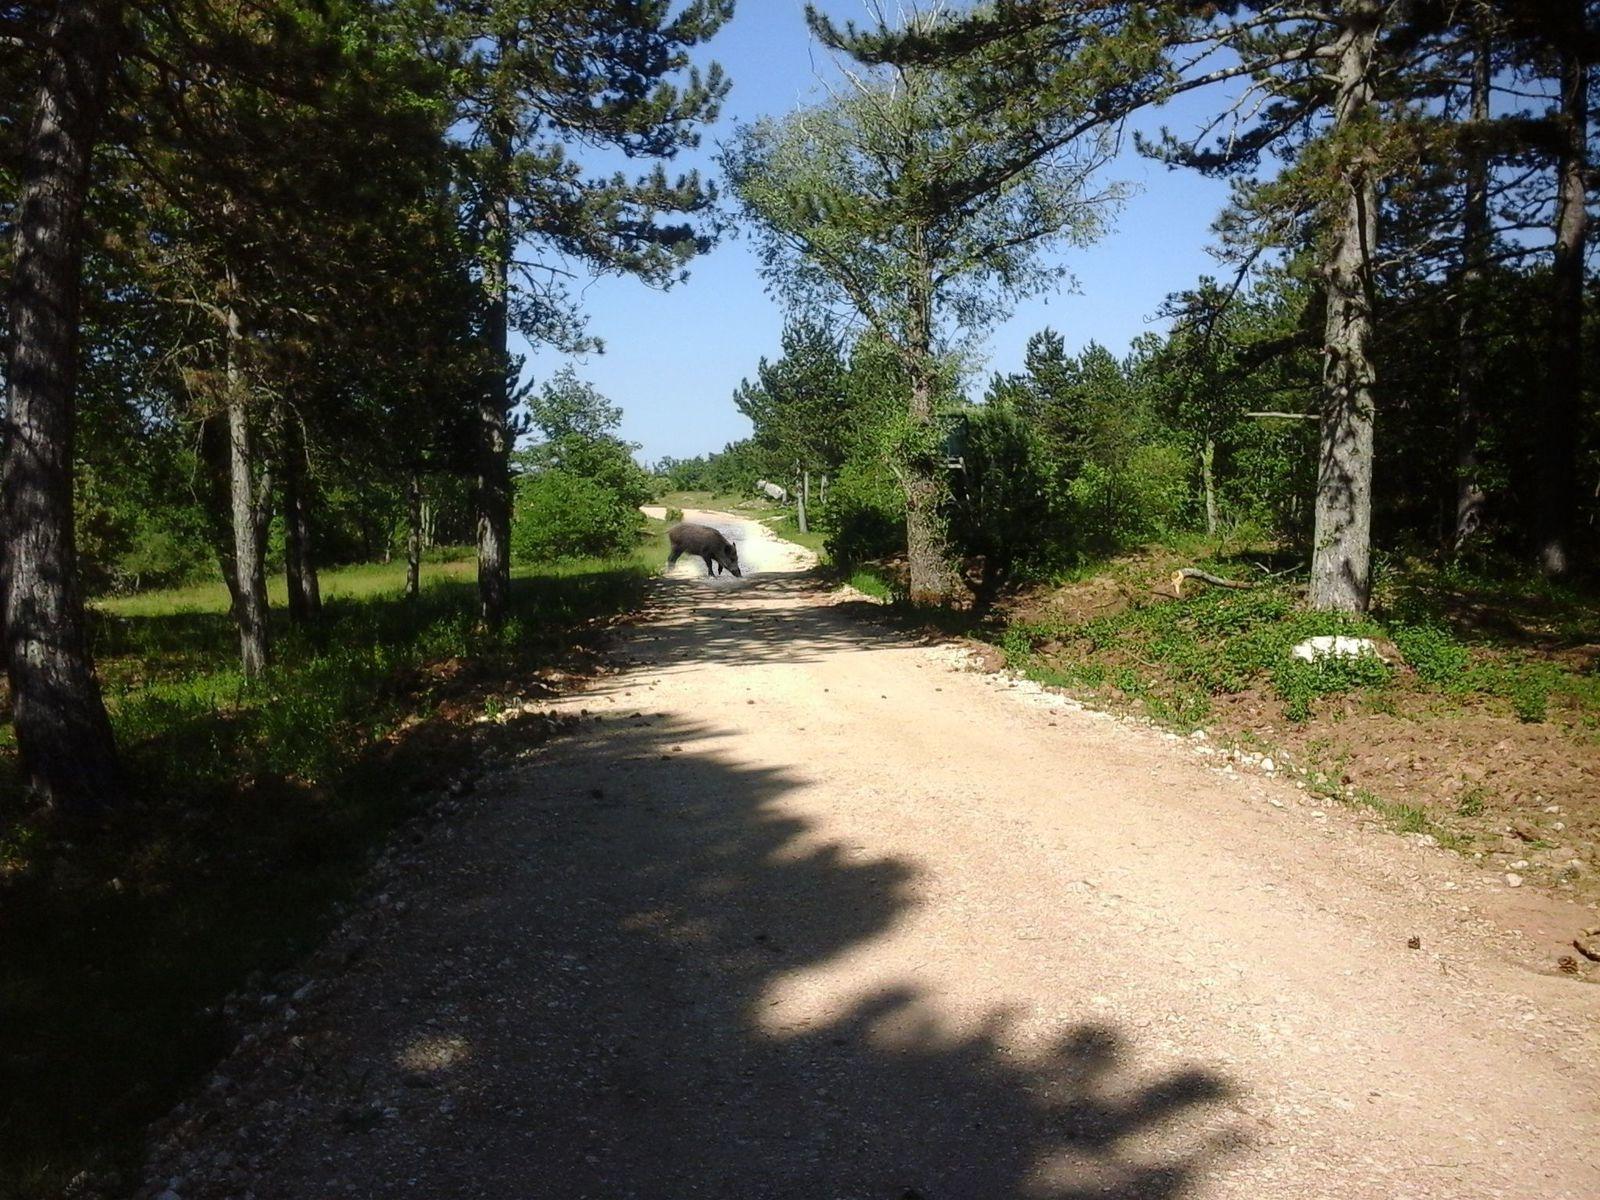 Sur le chemin du retour, quatre ou cinq sangliers traverse le chemin devant nous....!!!